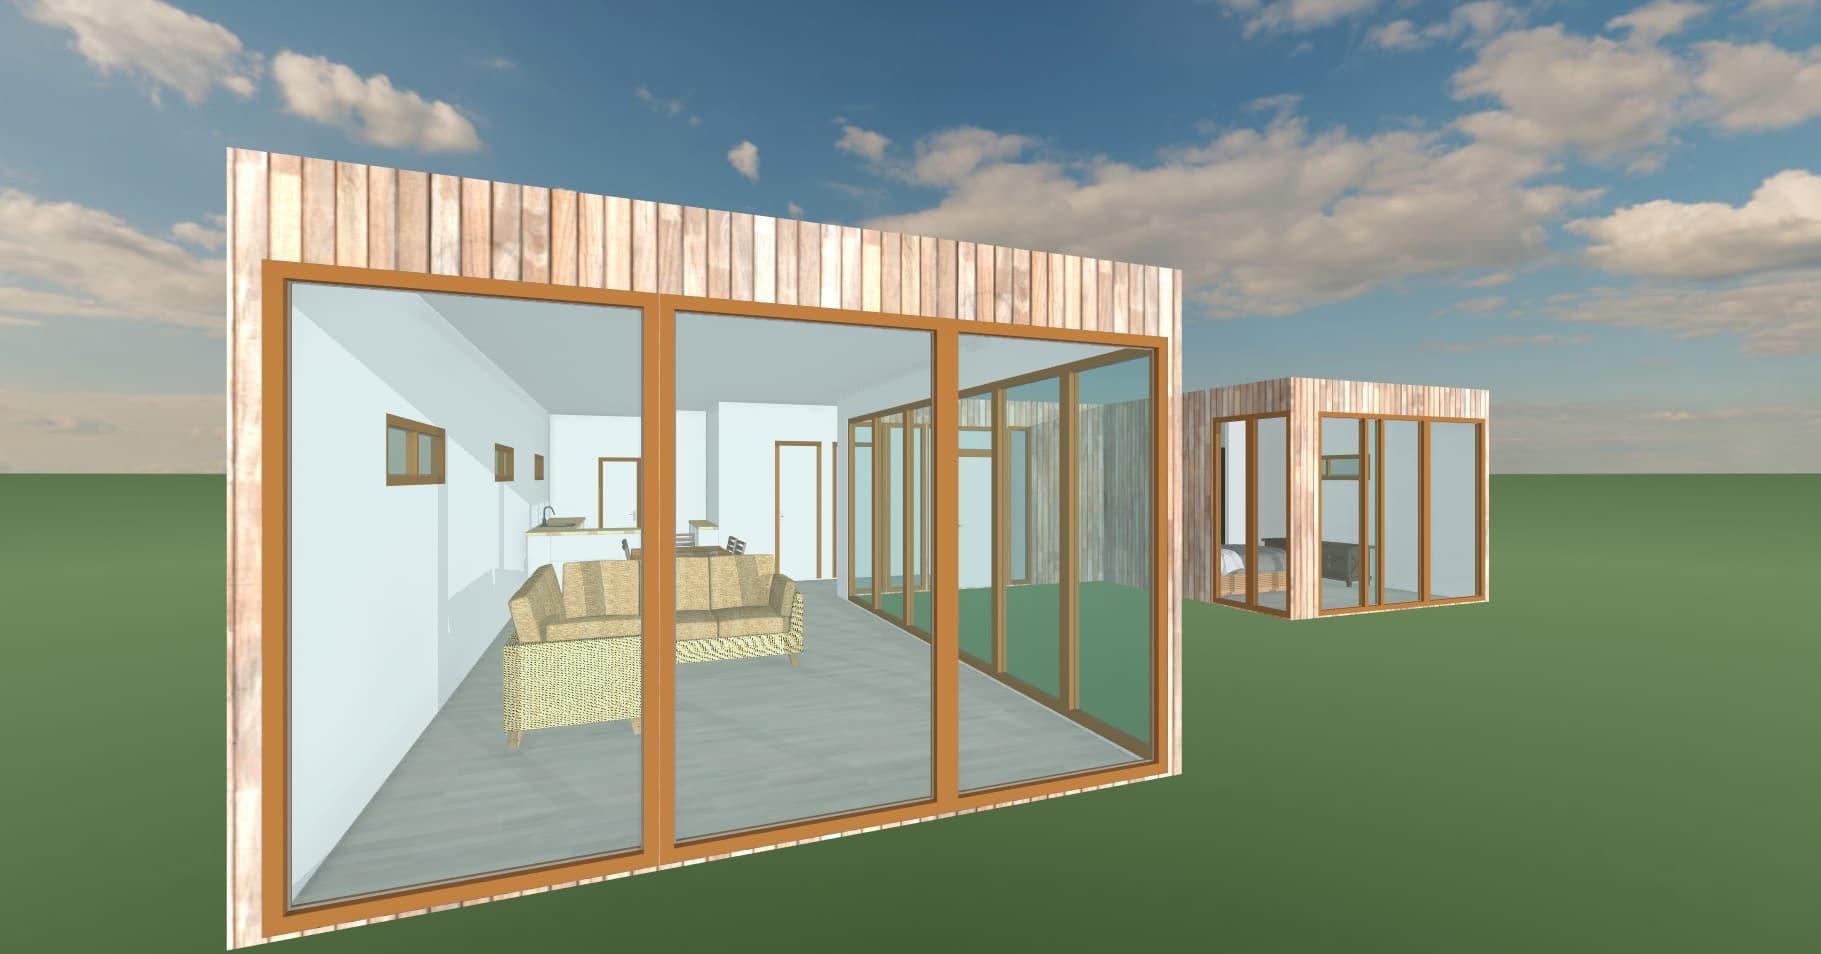 Elevacion living  103 m2Casa mediterranea prefabricada en U